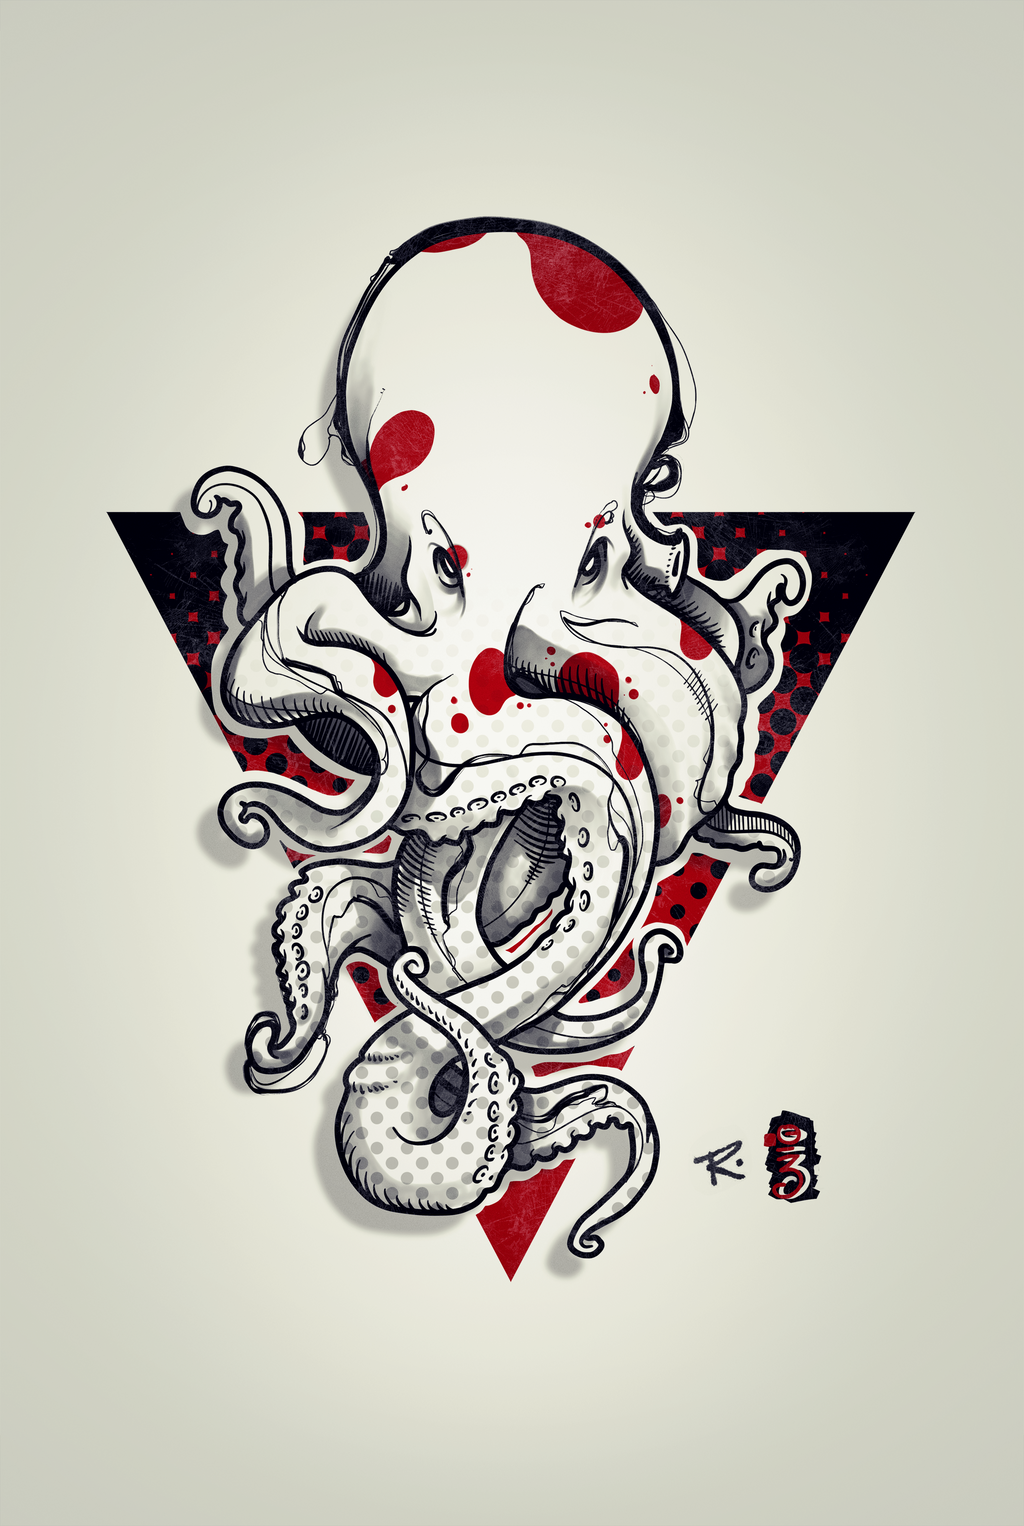 octopus tattoo design by remiismeltingdots on deviantart. Black Bedroom Furniture Sets. Home Design Ideas